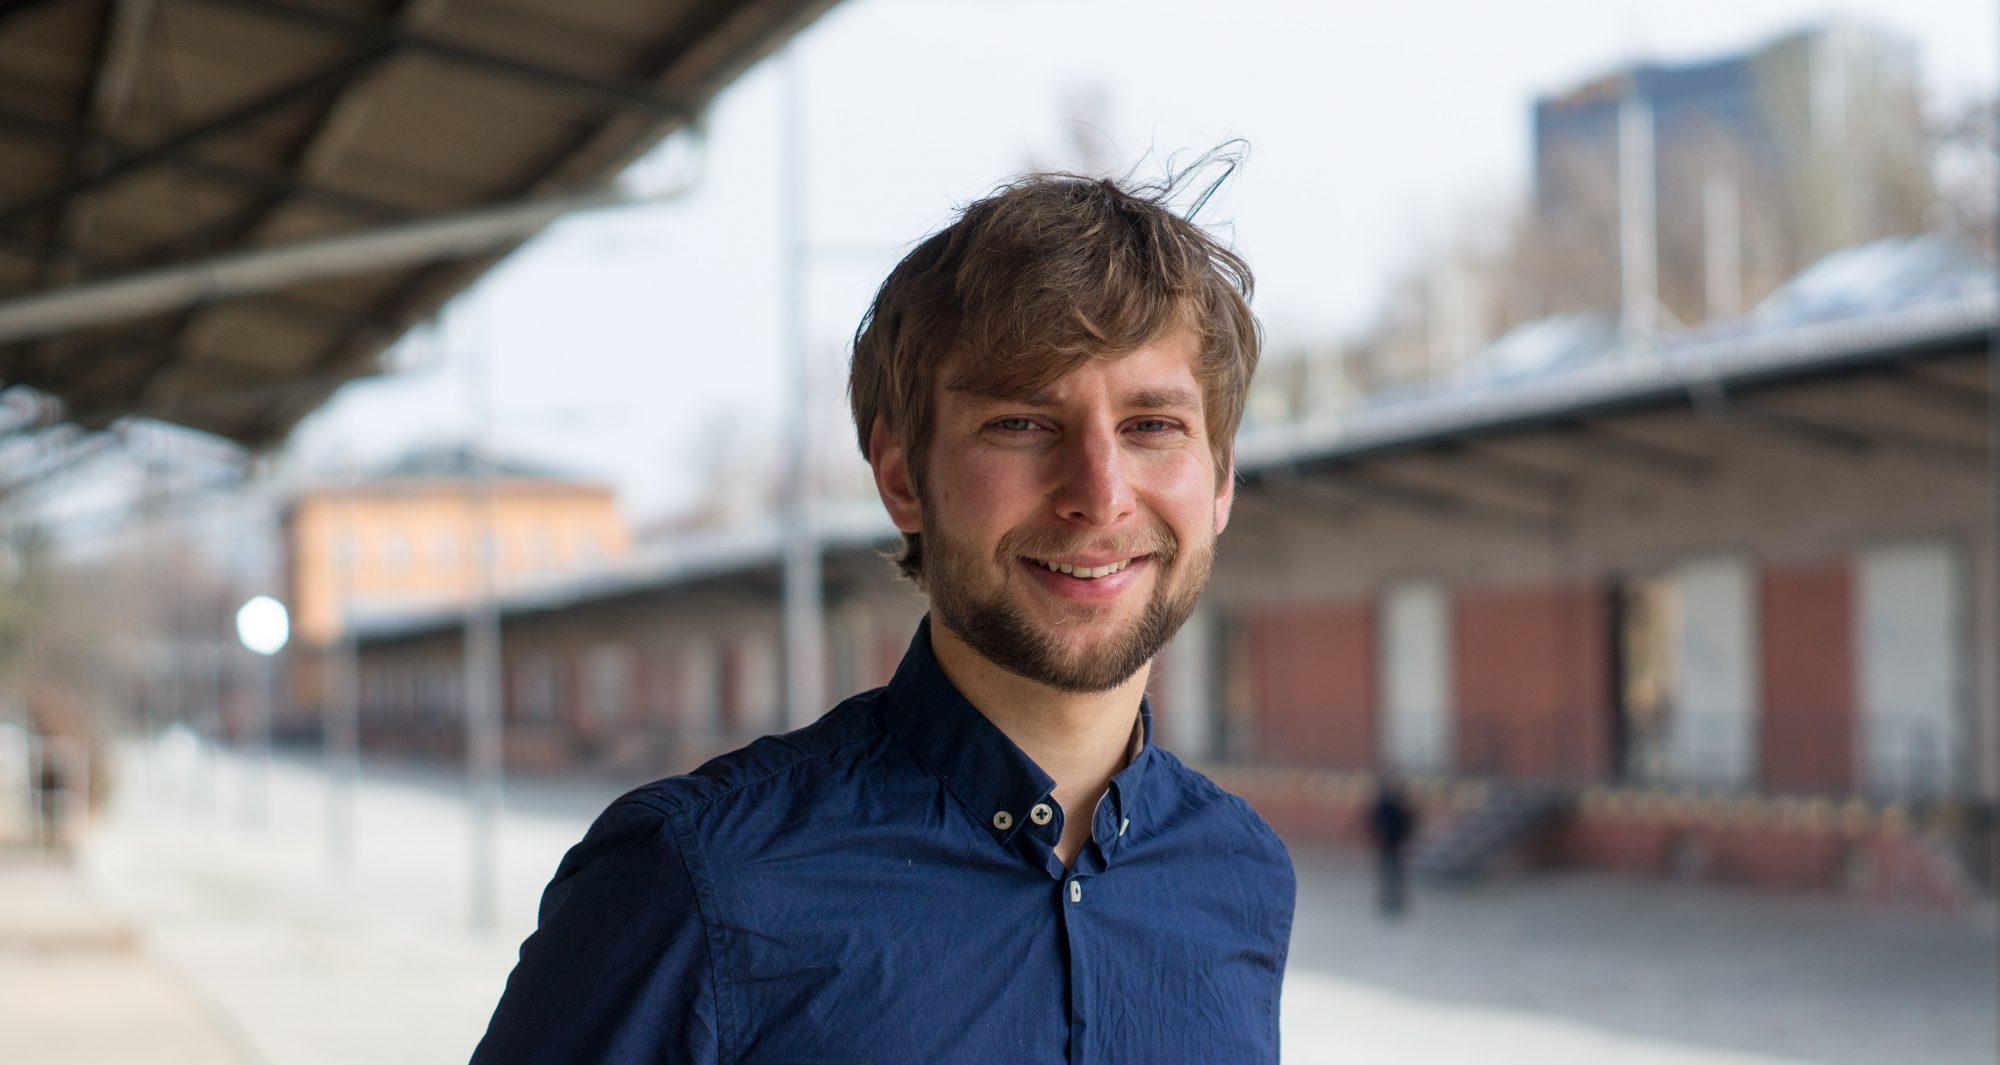 Felix Epp